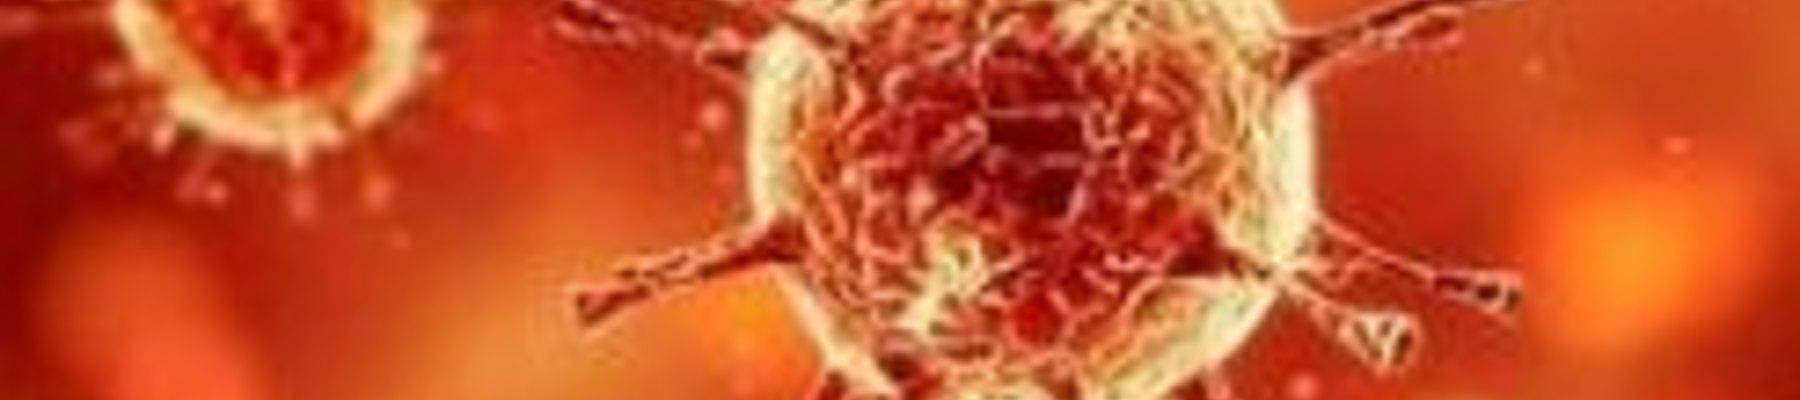 Belangrijke informatie voor patiënten en bezoekers over het coronavirus